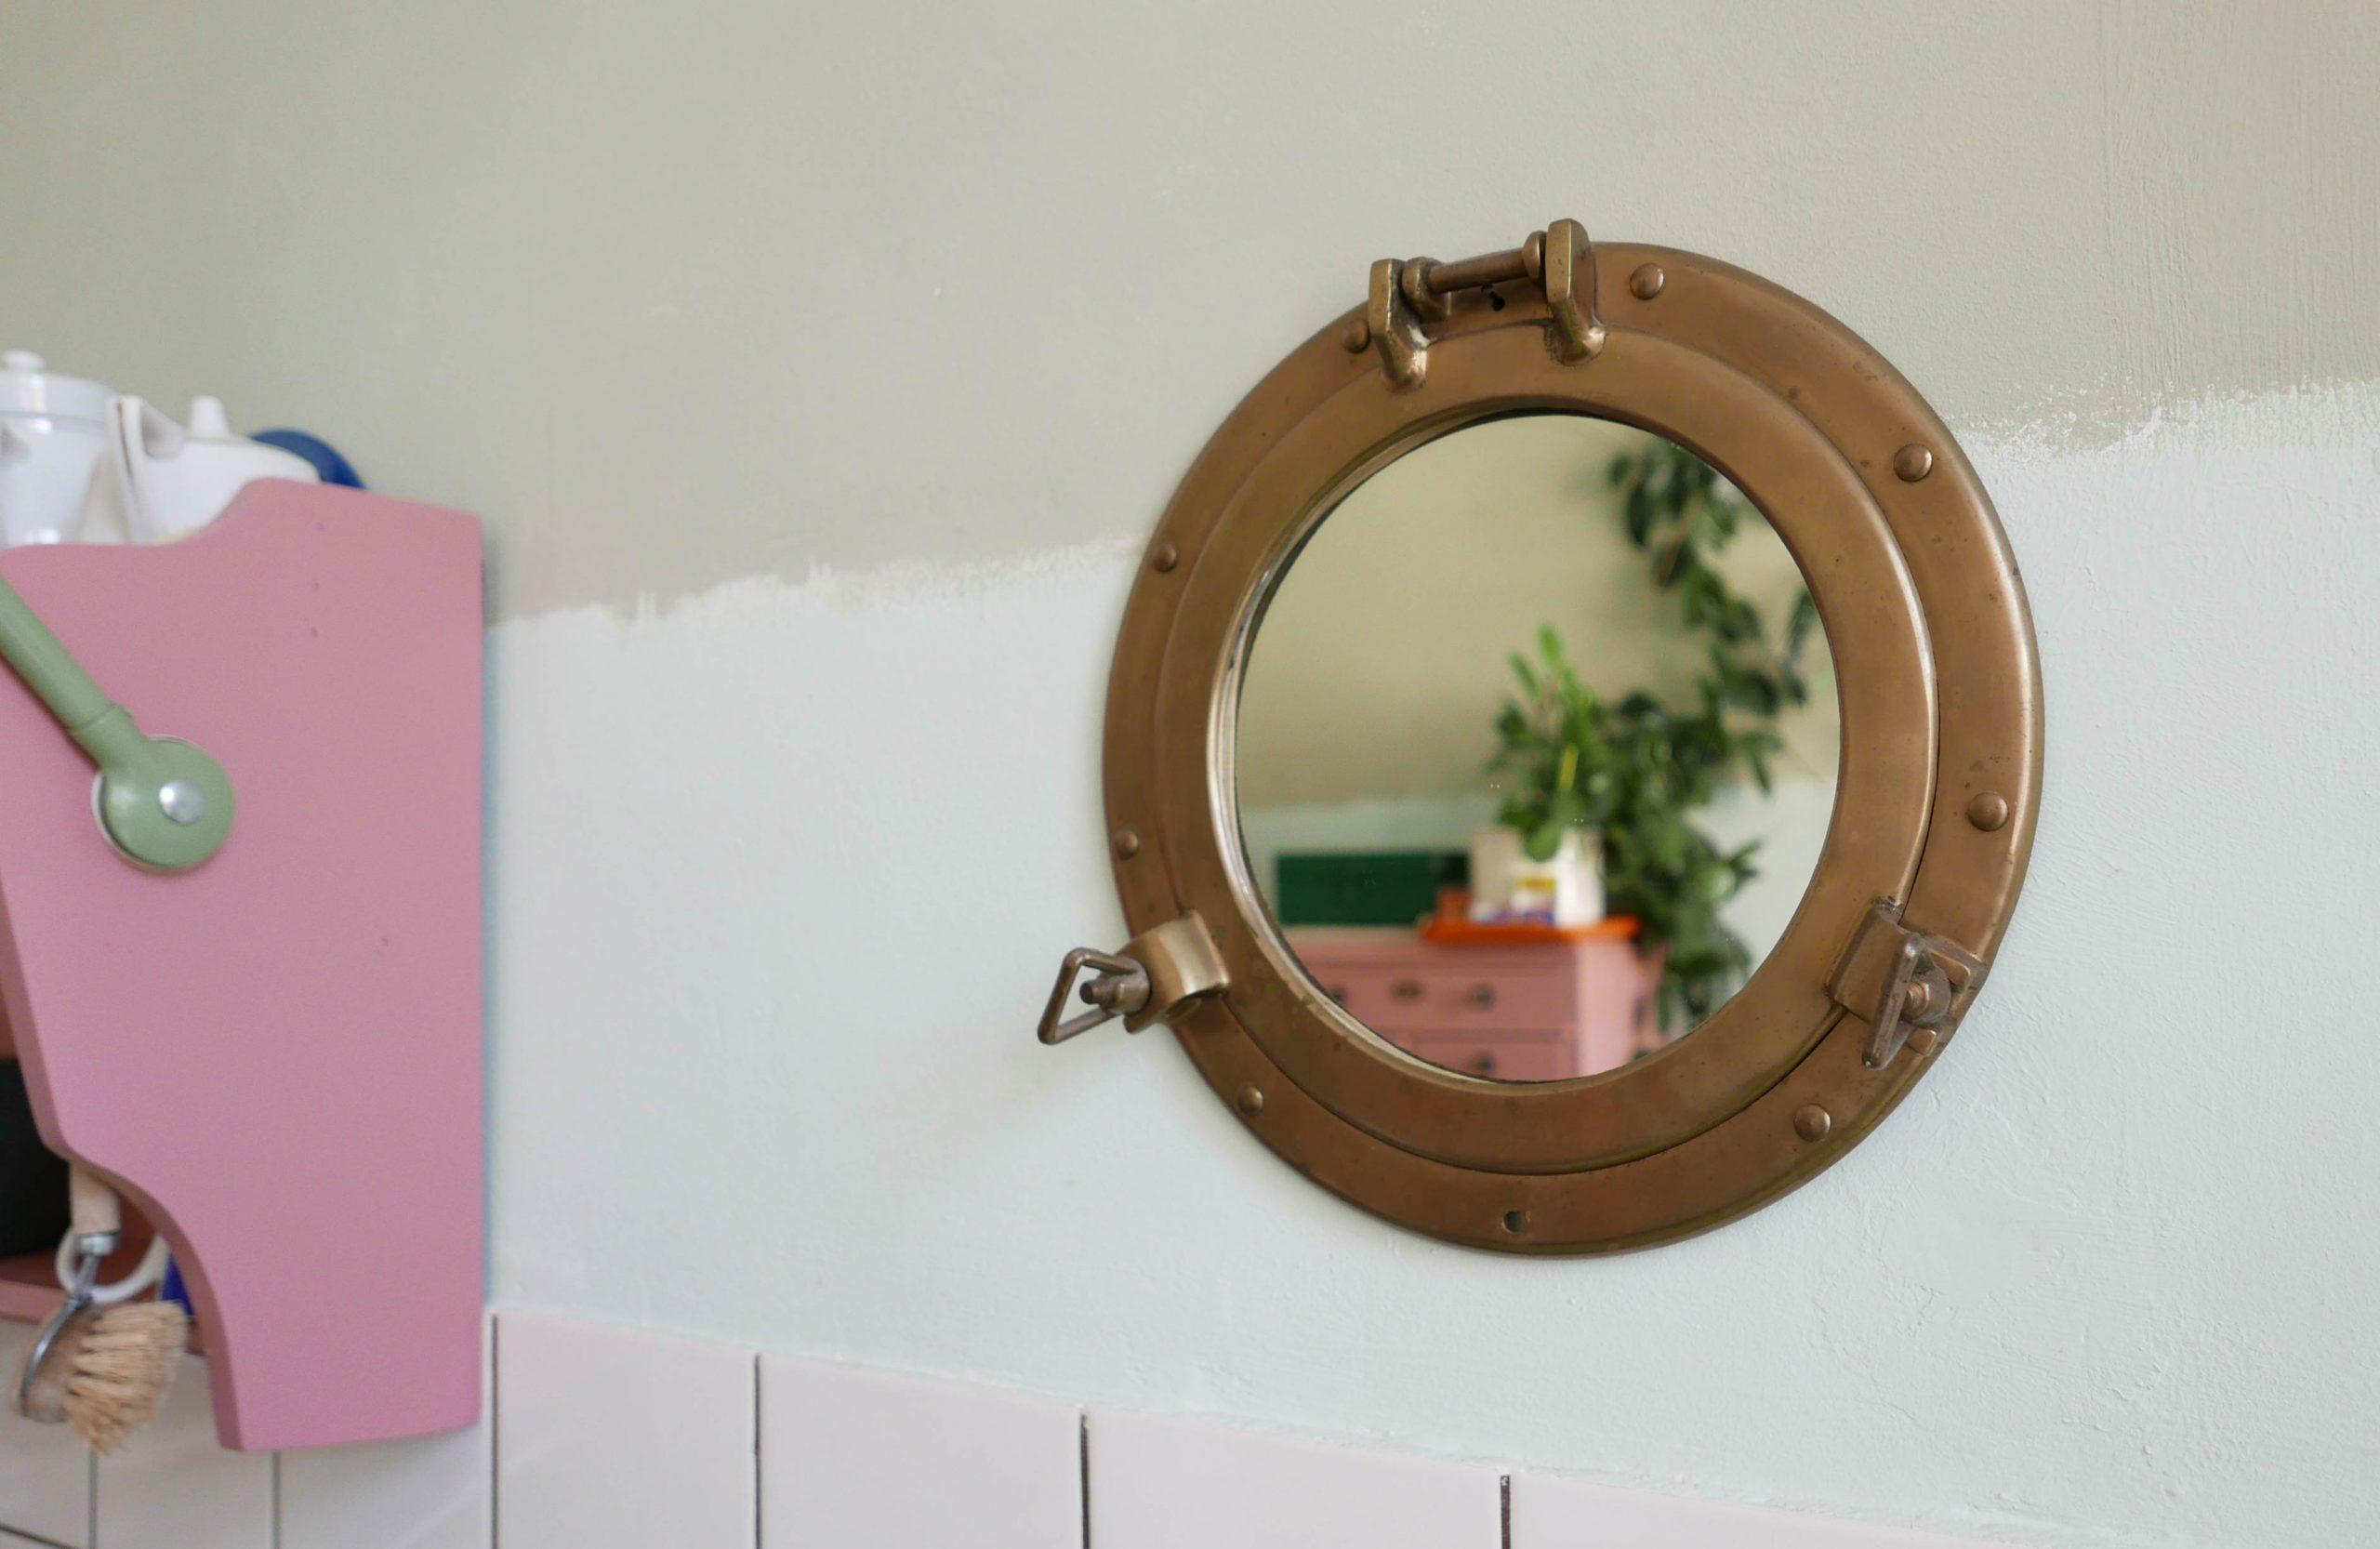 Slow Design Reflexionen Spiegelung einer Pflanze in einem Bullaugen Spiegel